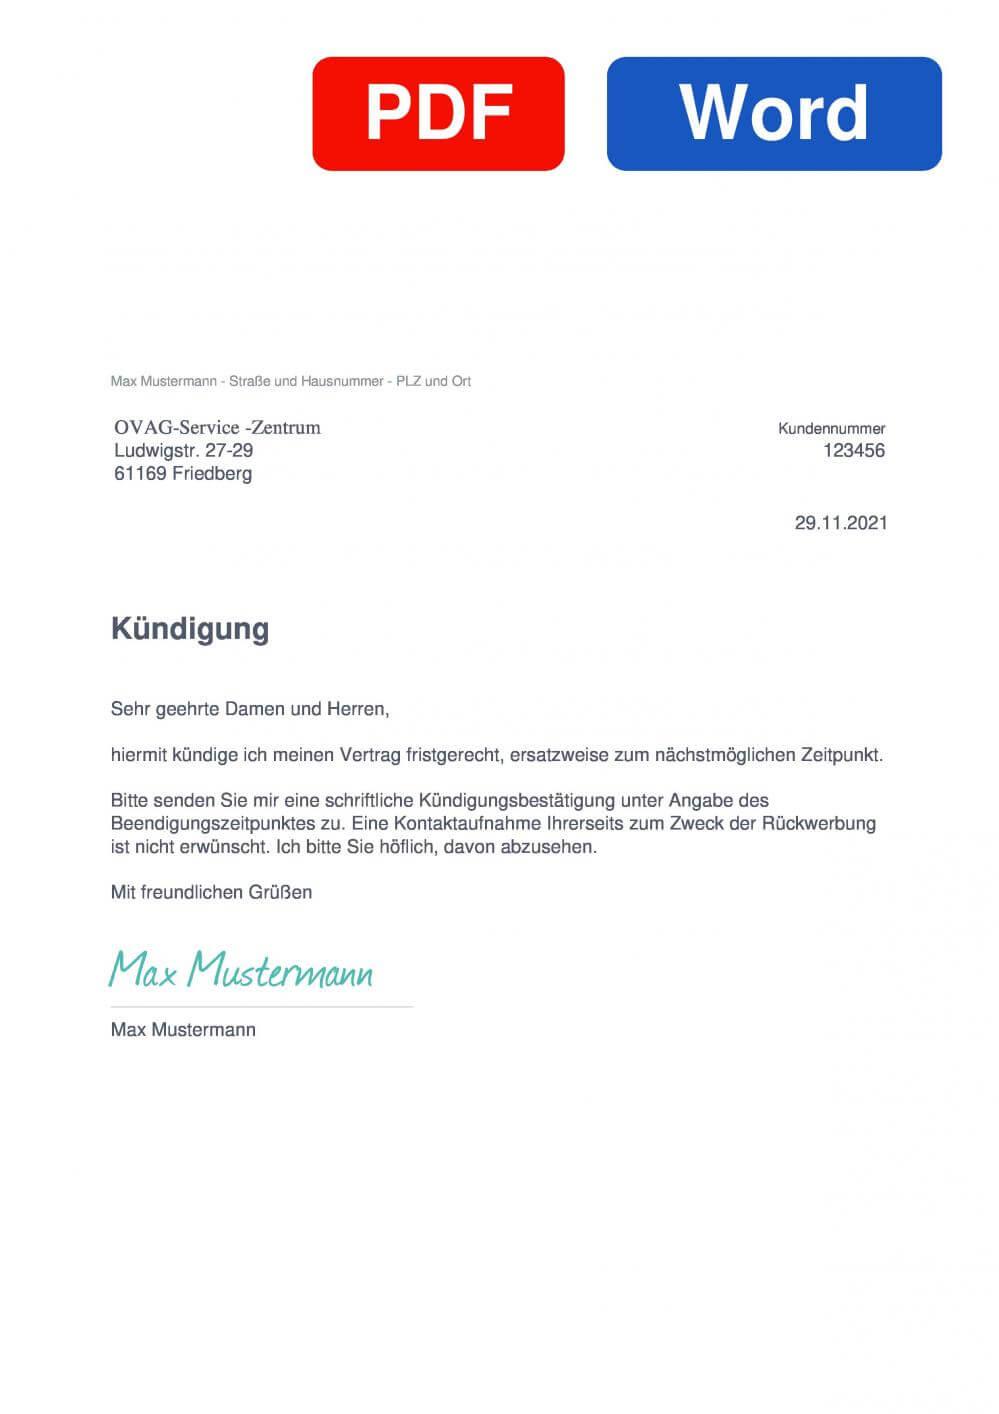 OVAG Muster Vorlage für Kündigungsschreiben